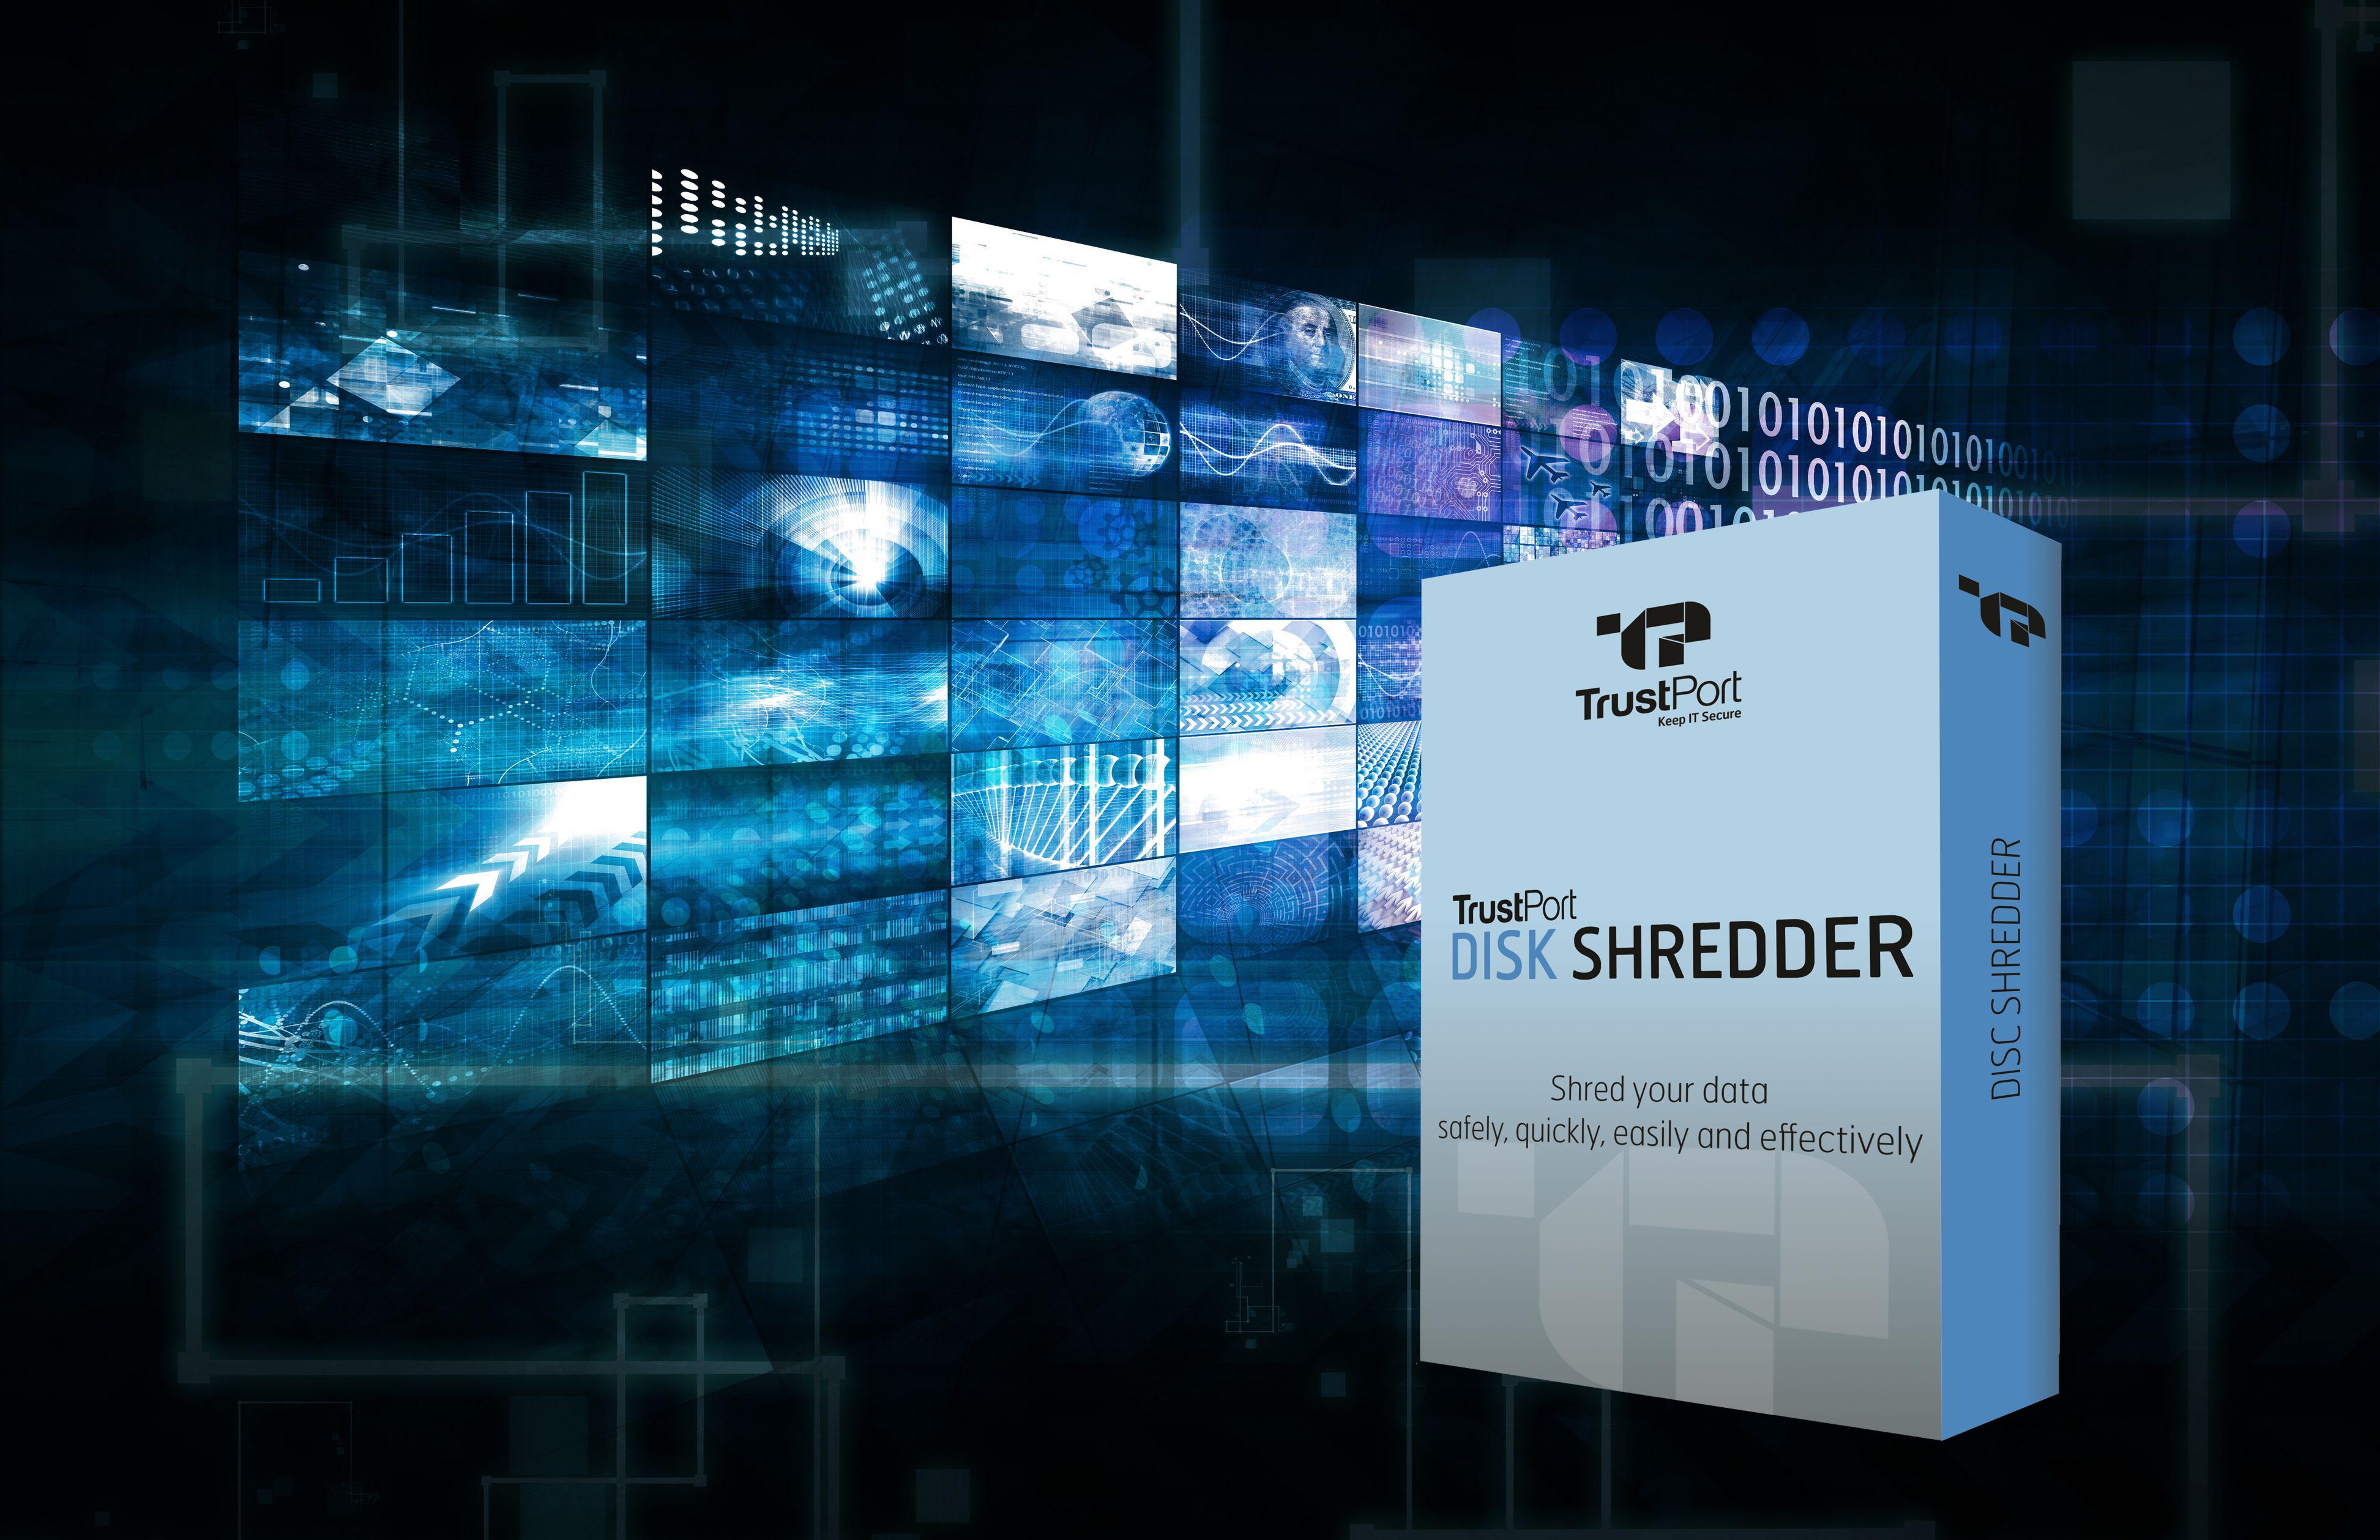 disk shredder data erasure